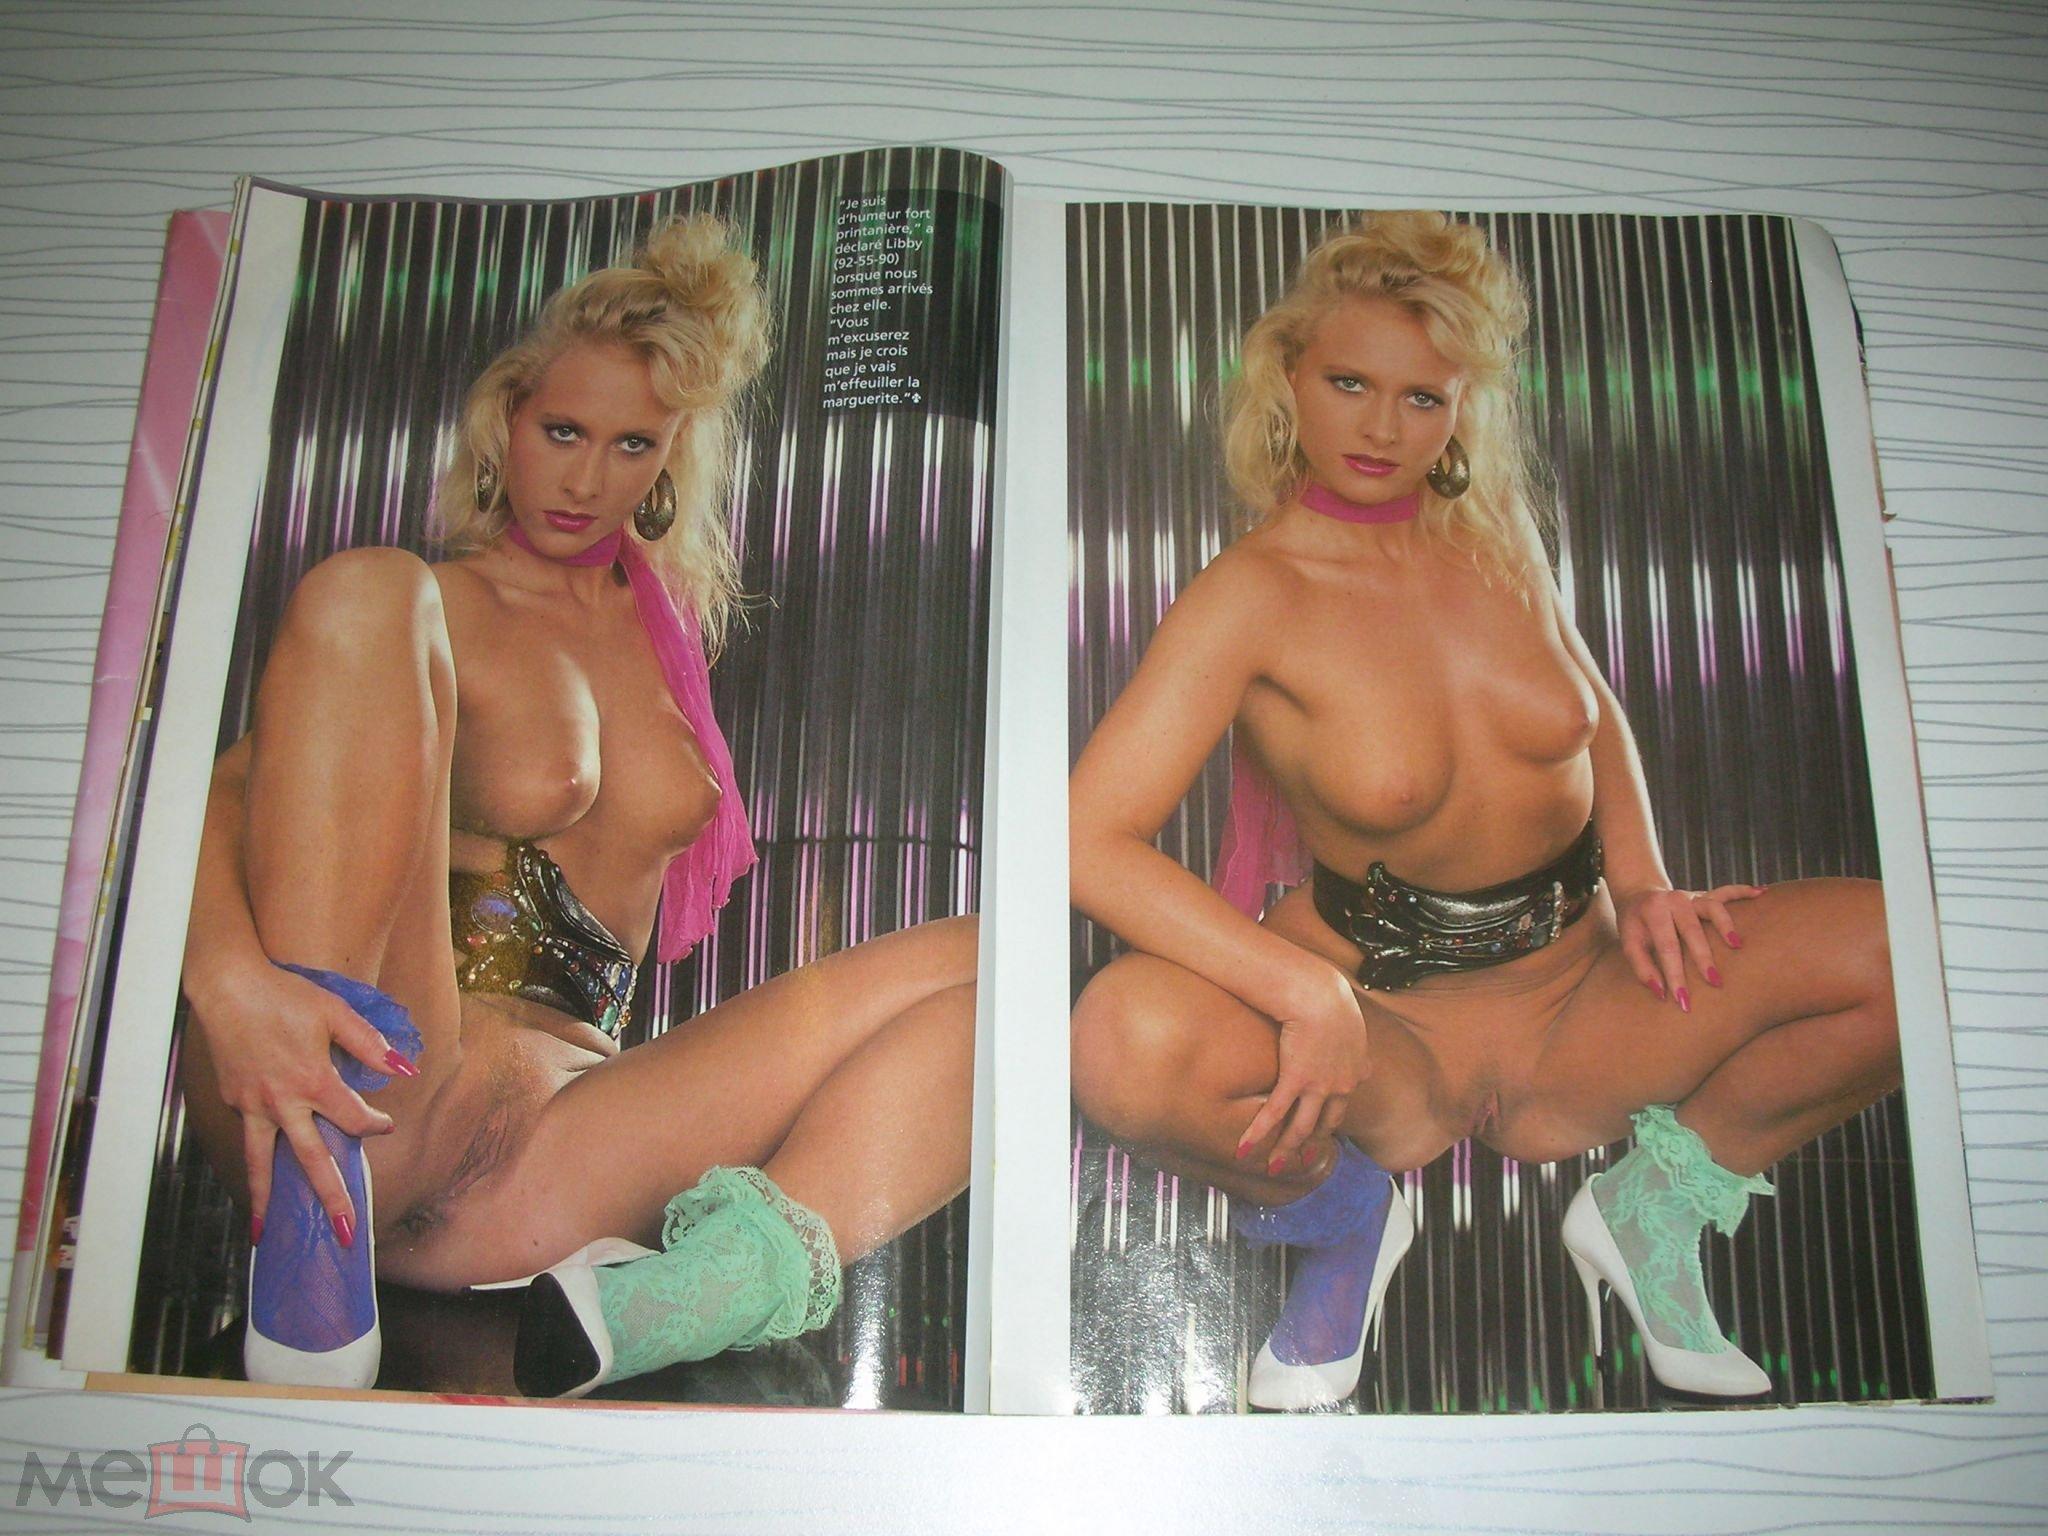 Эротические журналы продаваемые в россии, Эротические журналы - фото голых девушек 25 фотография